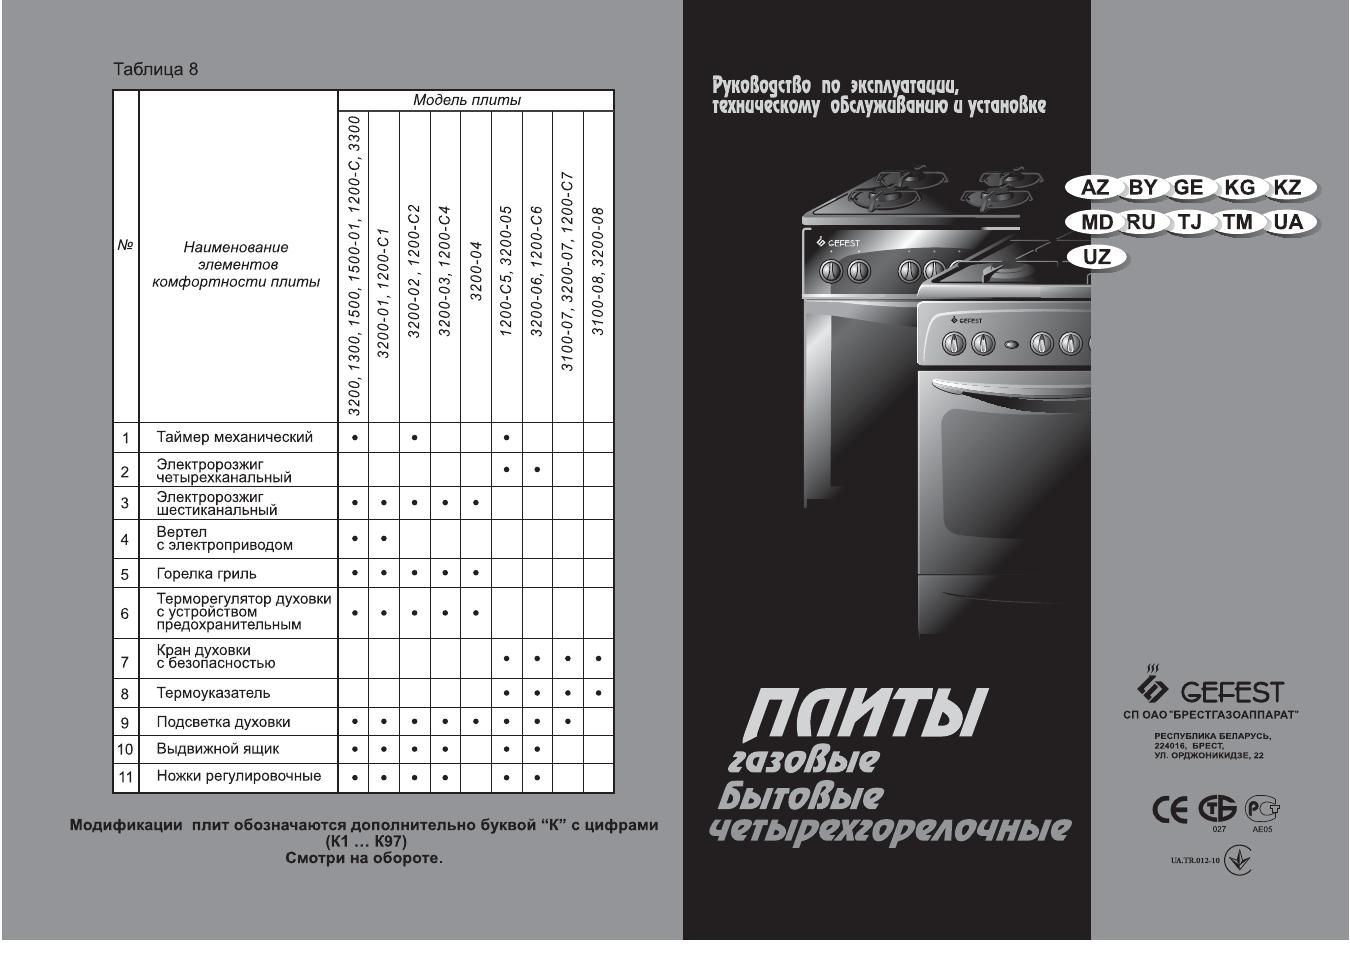 инструкция по эксплуатации газовой плиты гефест